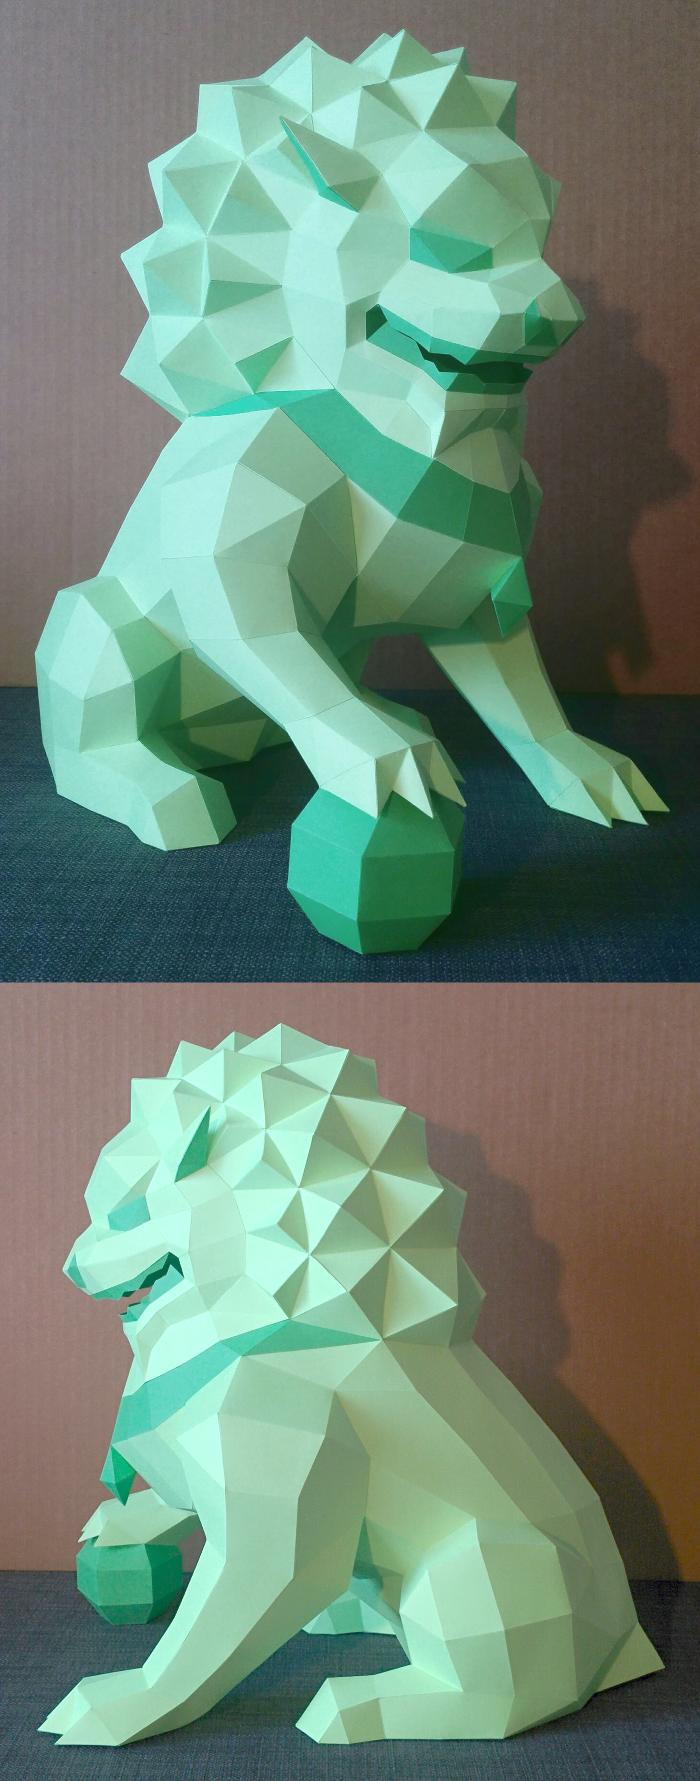 Lion Guardian (Foo Dog) Papercraft